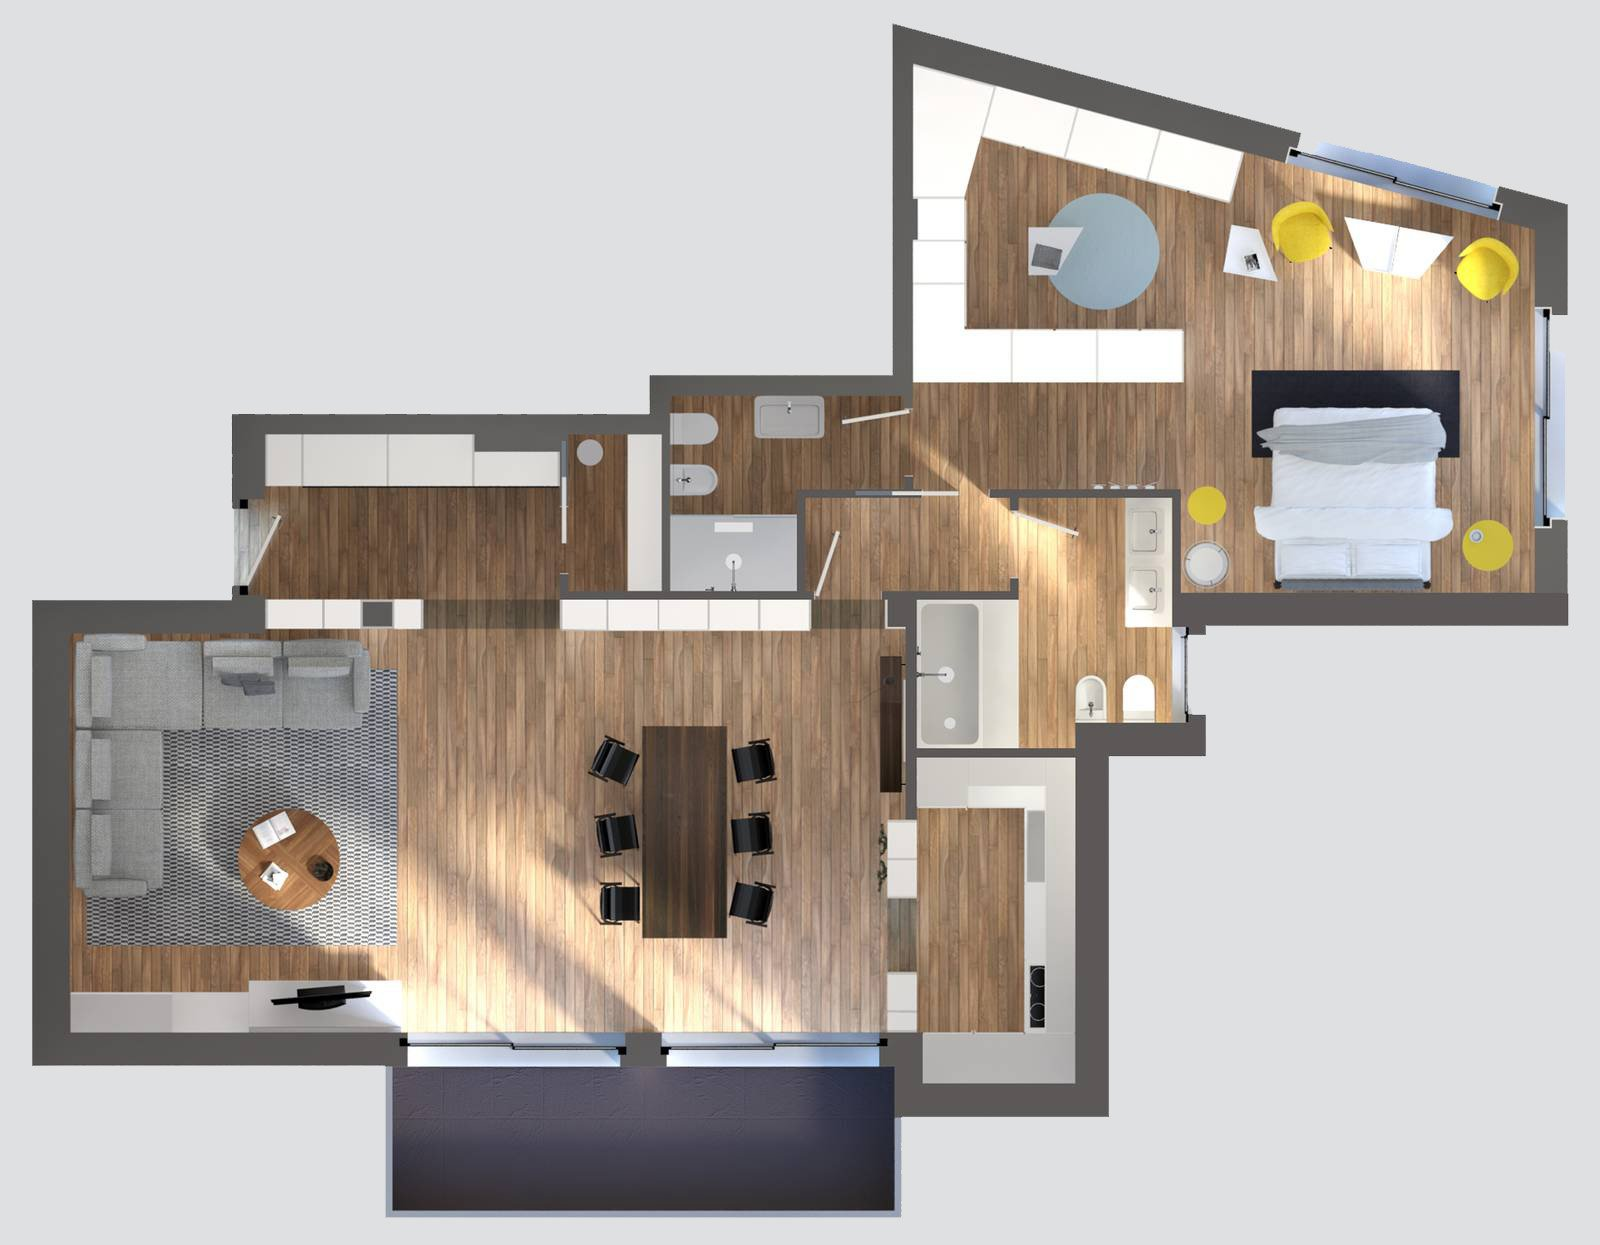 Spazi difficili un progetto per risolverli al meglio con for Arredo ingresso design